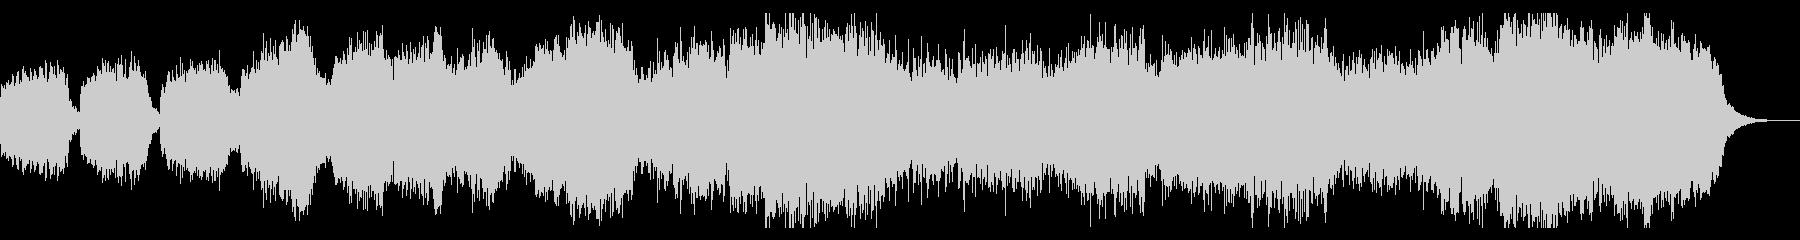 ダークでシネマチックなBGMの未再生の波形